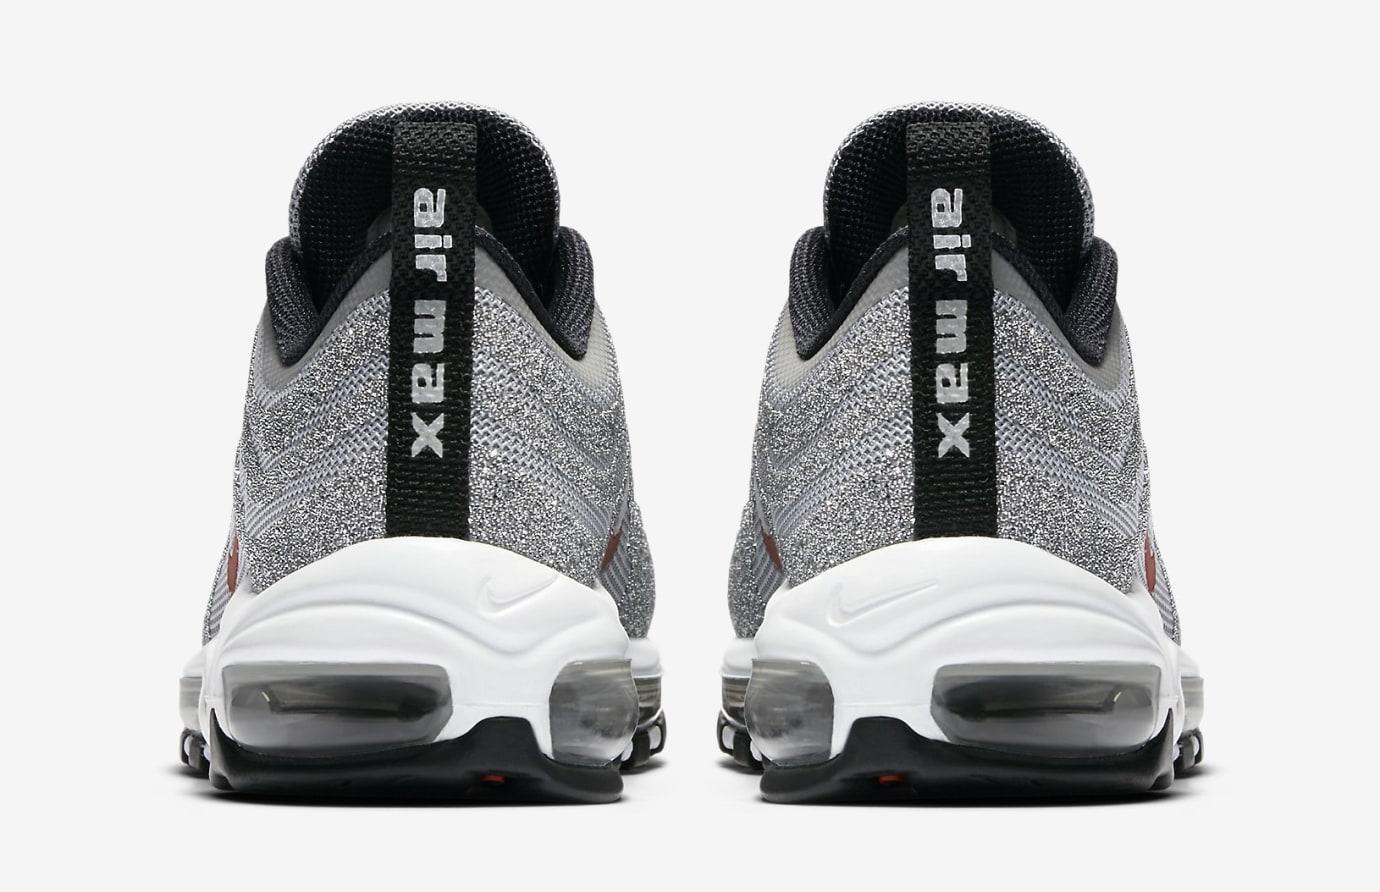 5ab3b3ec2e Nike Air Max 97 Swarovski Crystal Silver Bullet 927508-002 | Sole ...